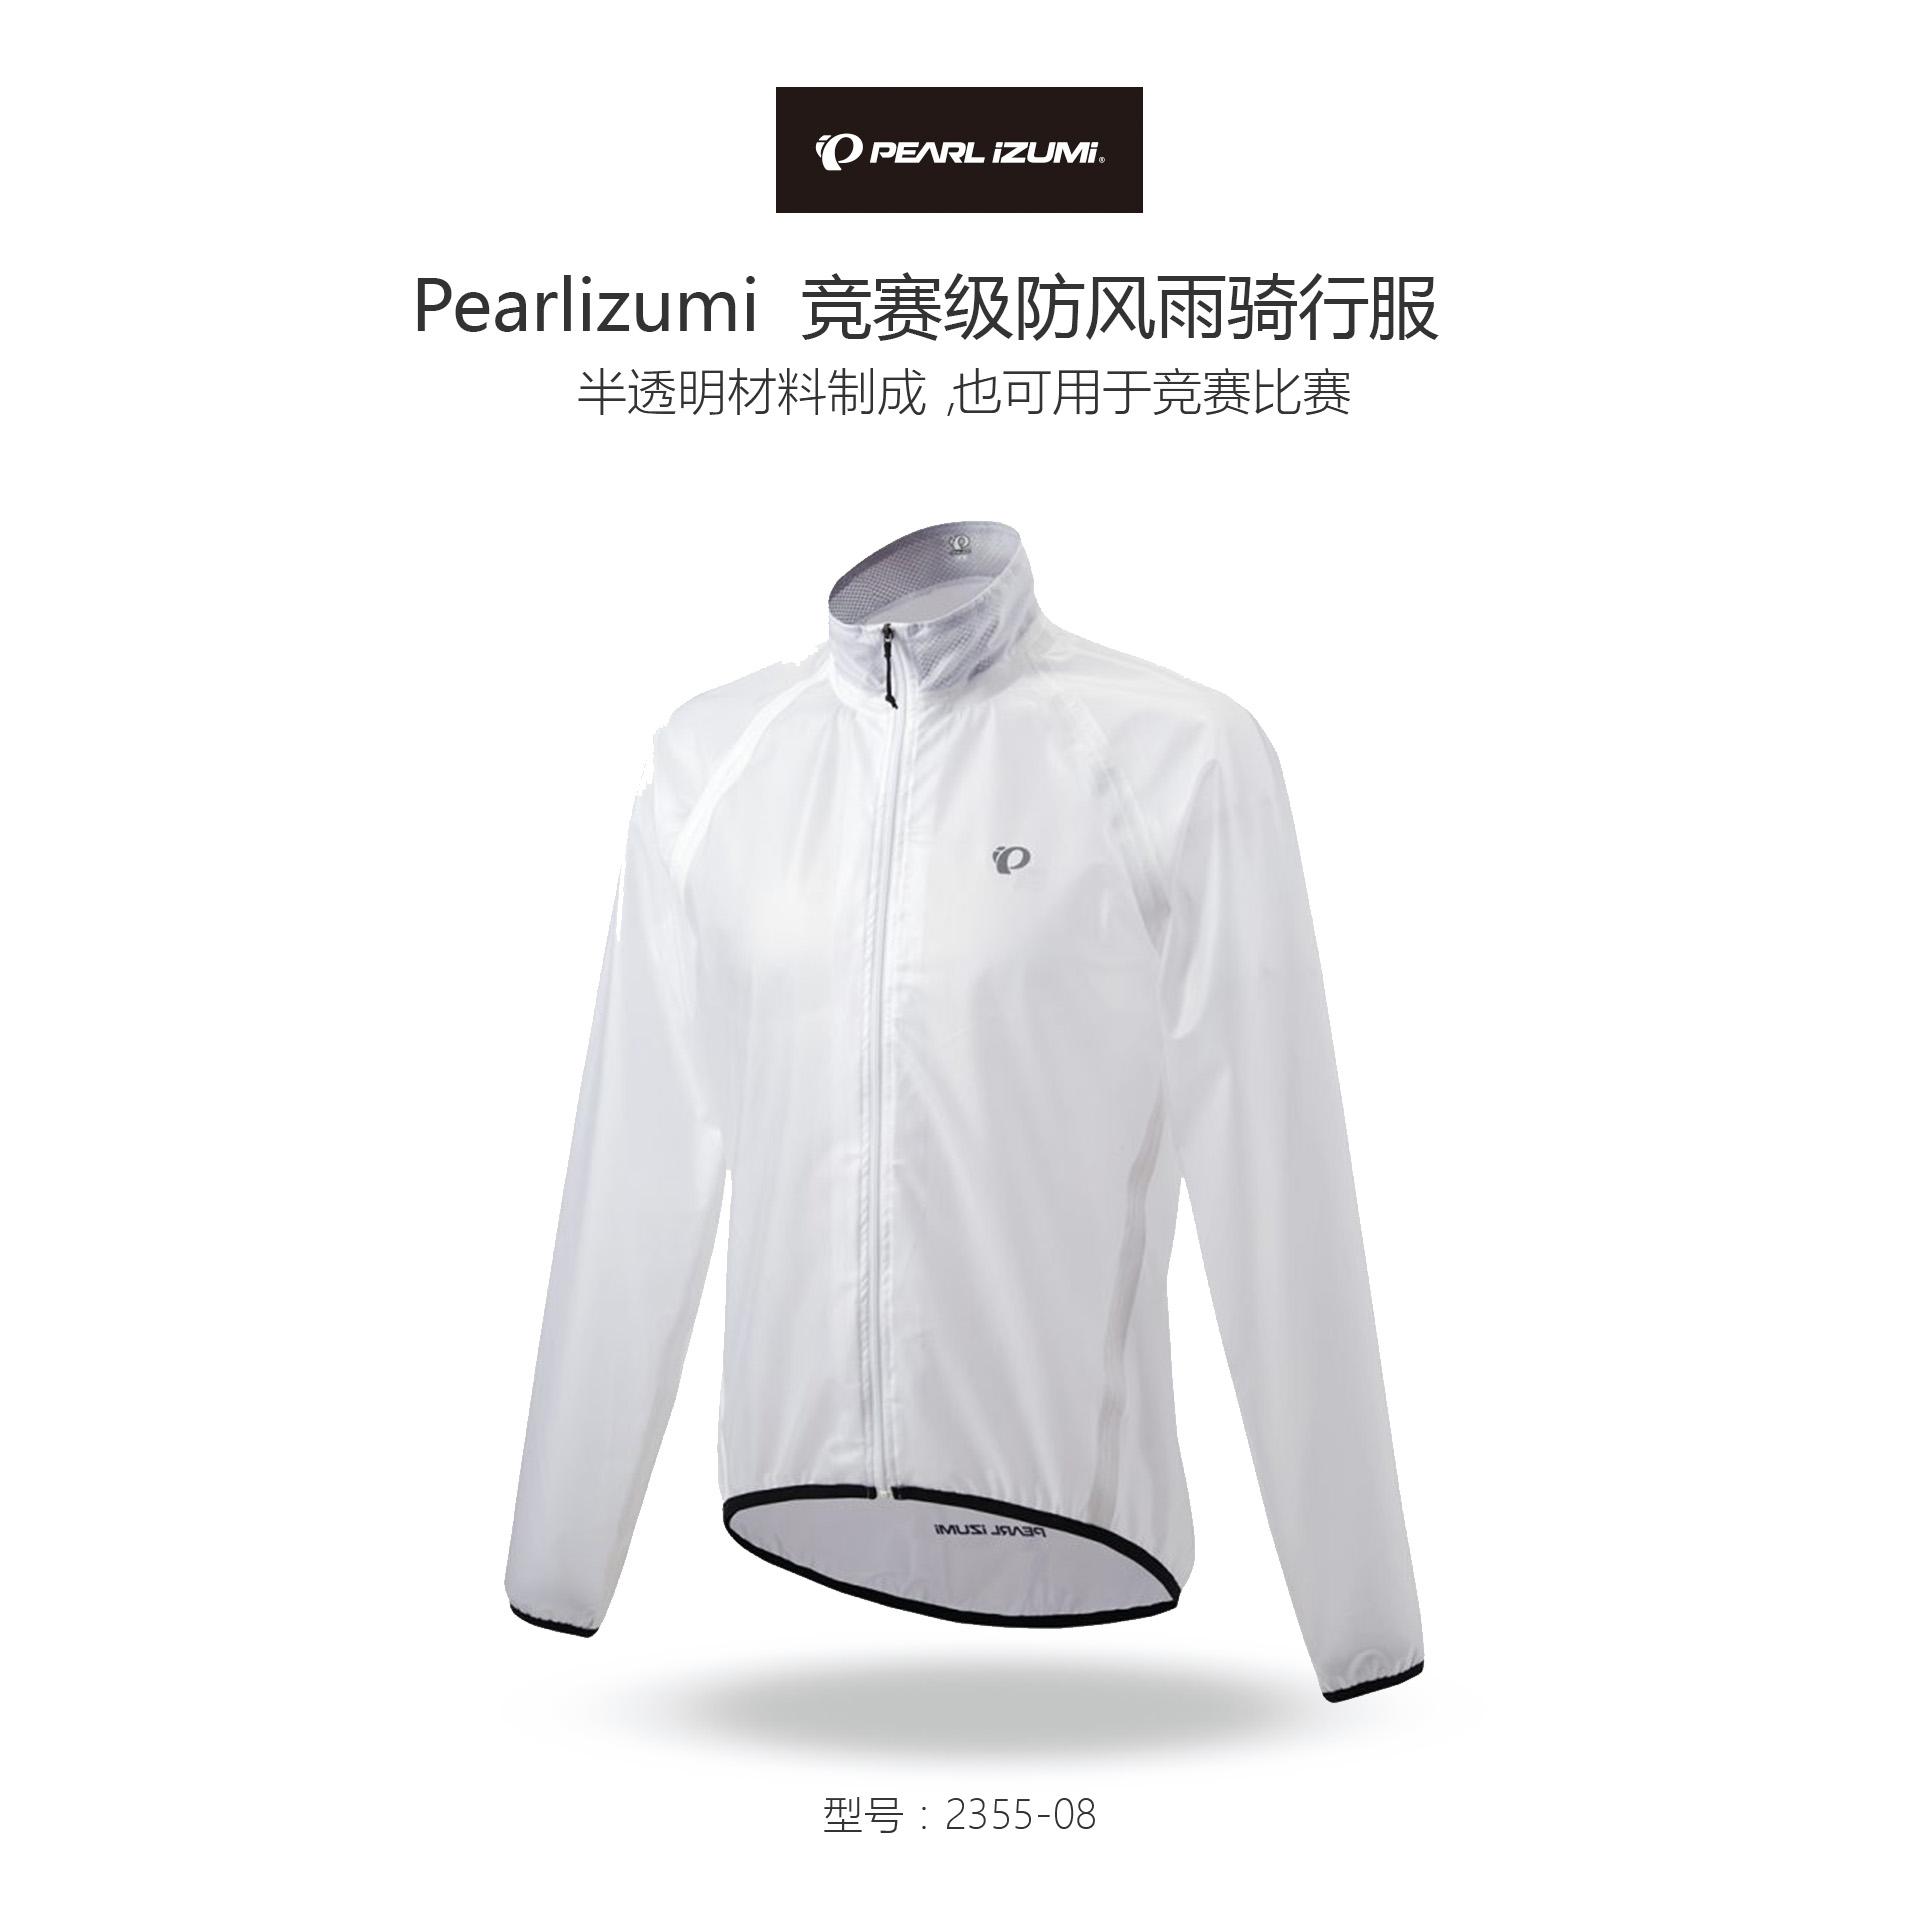 日本 PEARL IZUMI 一字米 2355 競賽級 防風雨 自行車騎行上衣